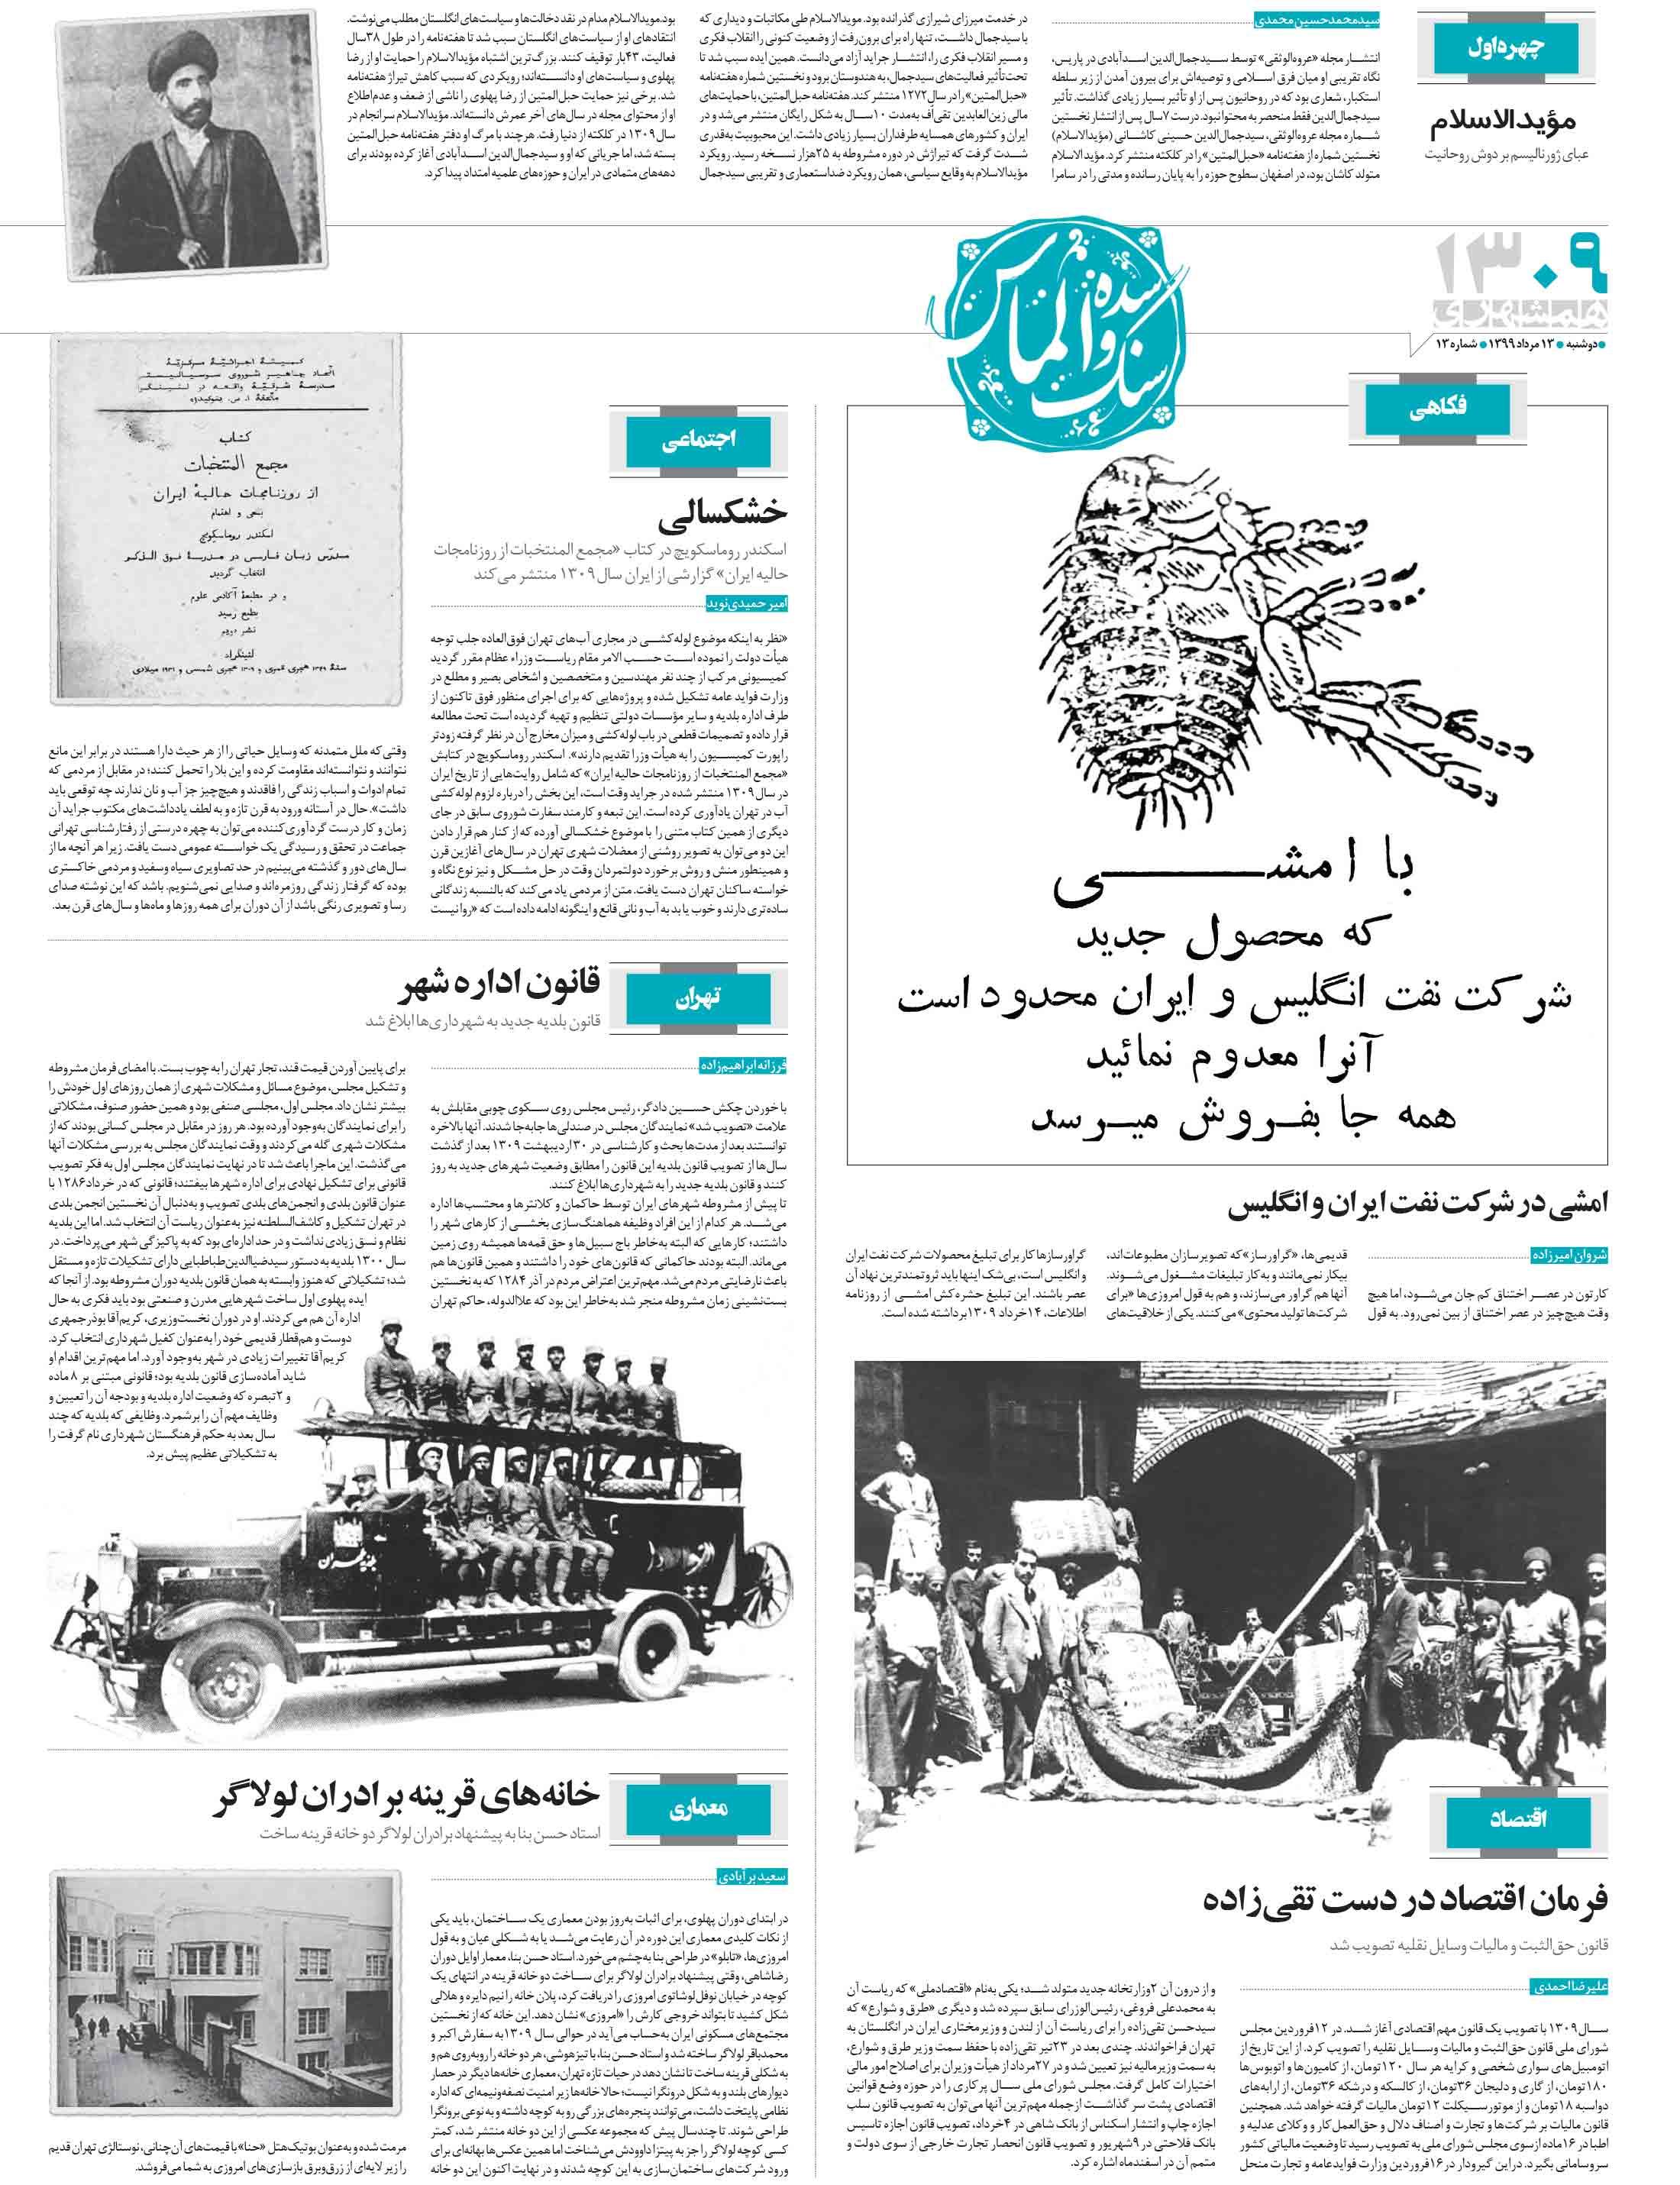 صفحه دوم قرن